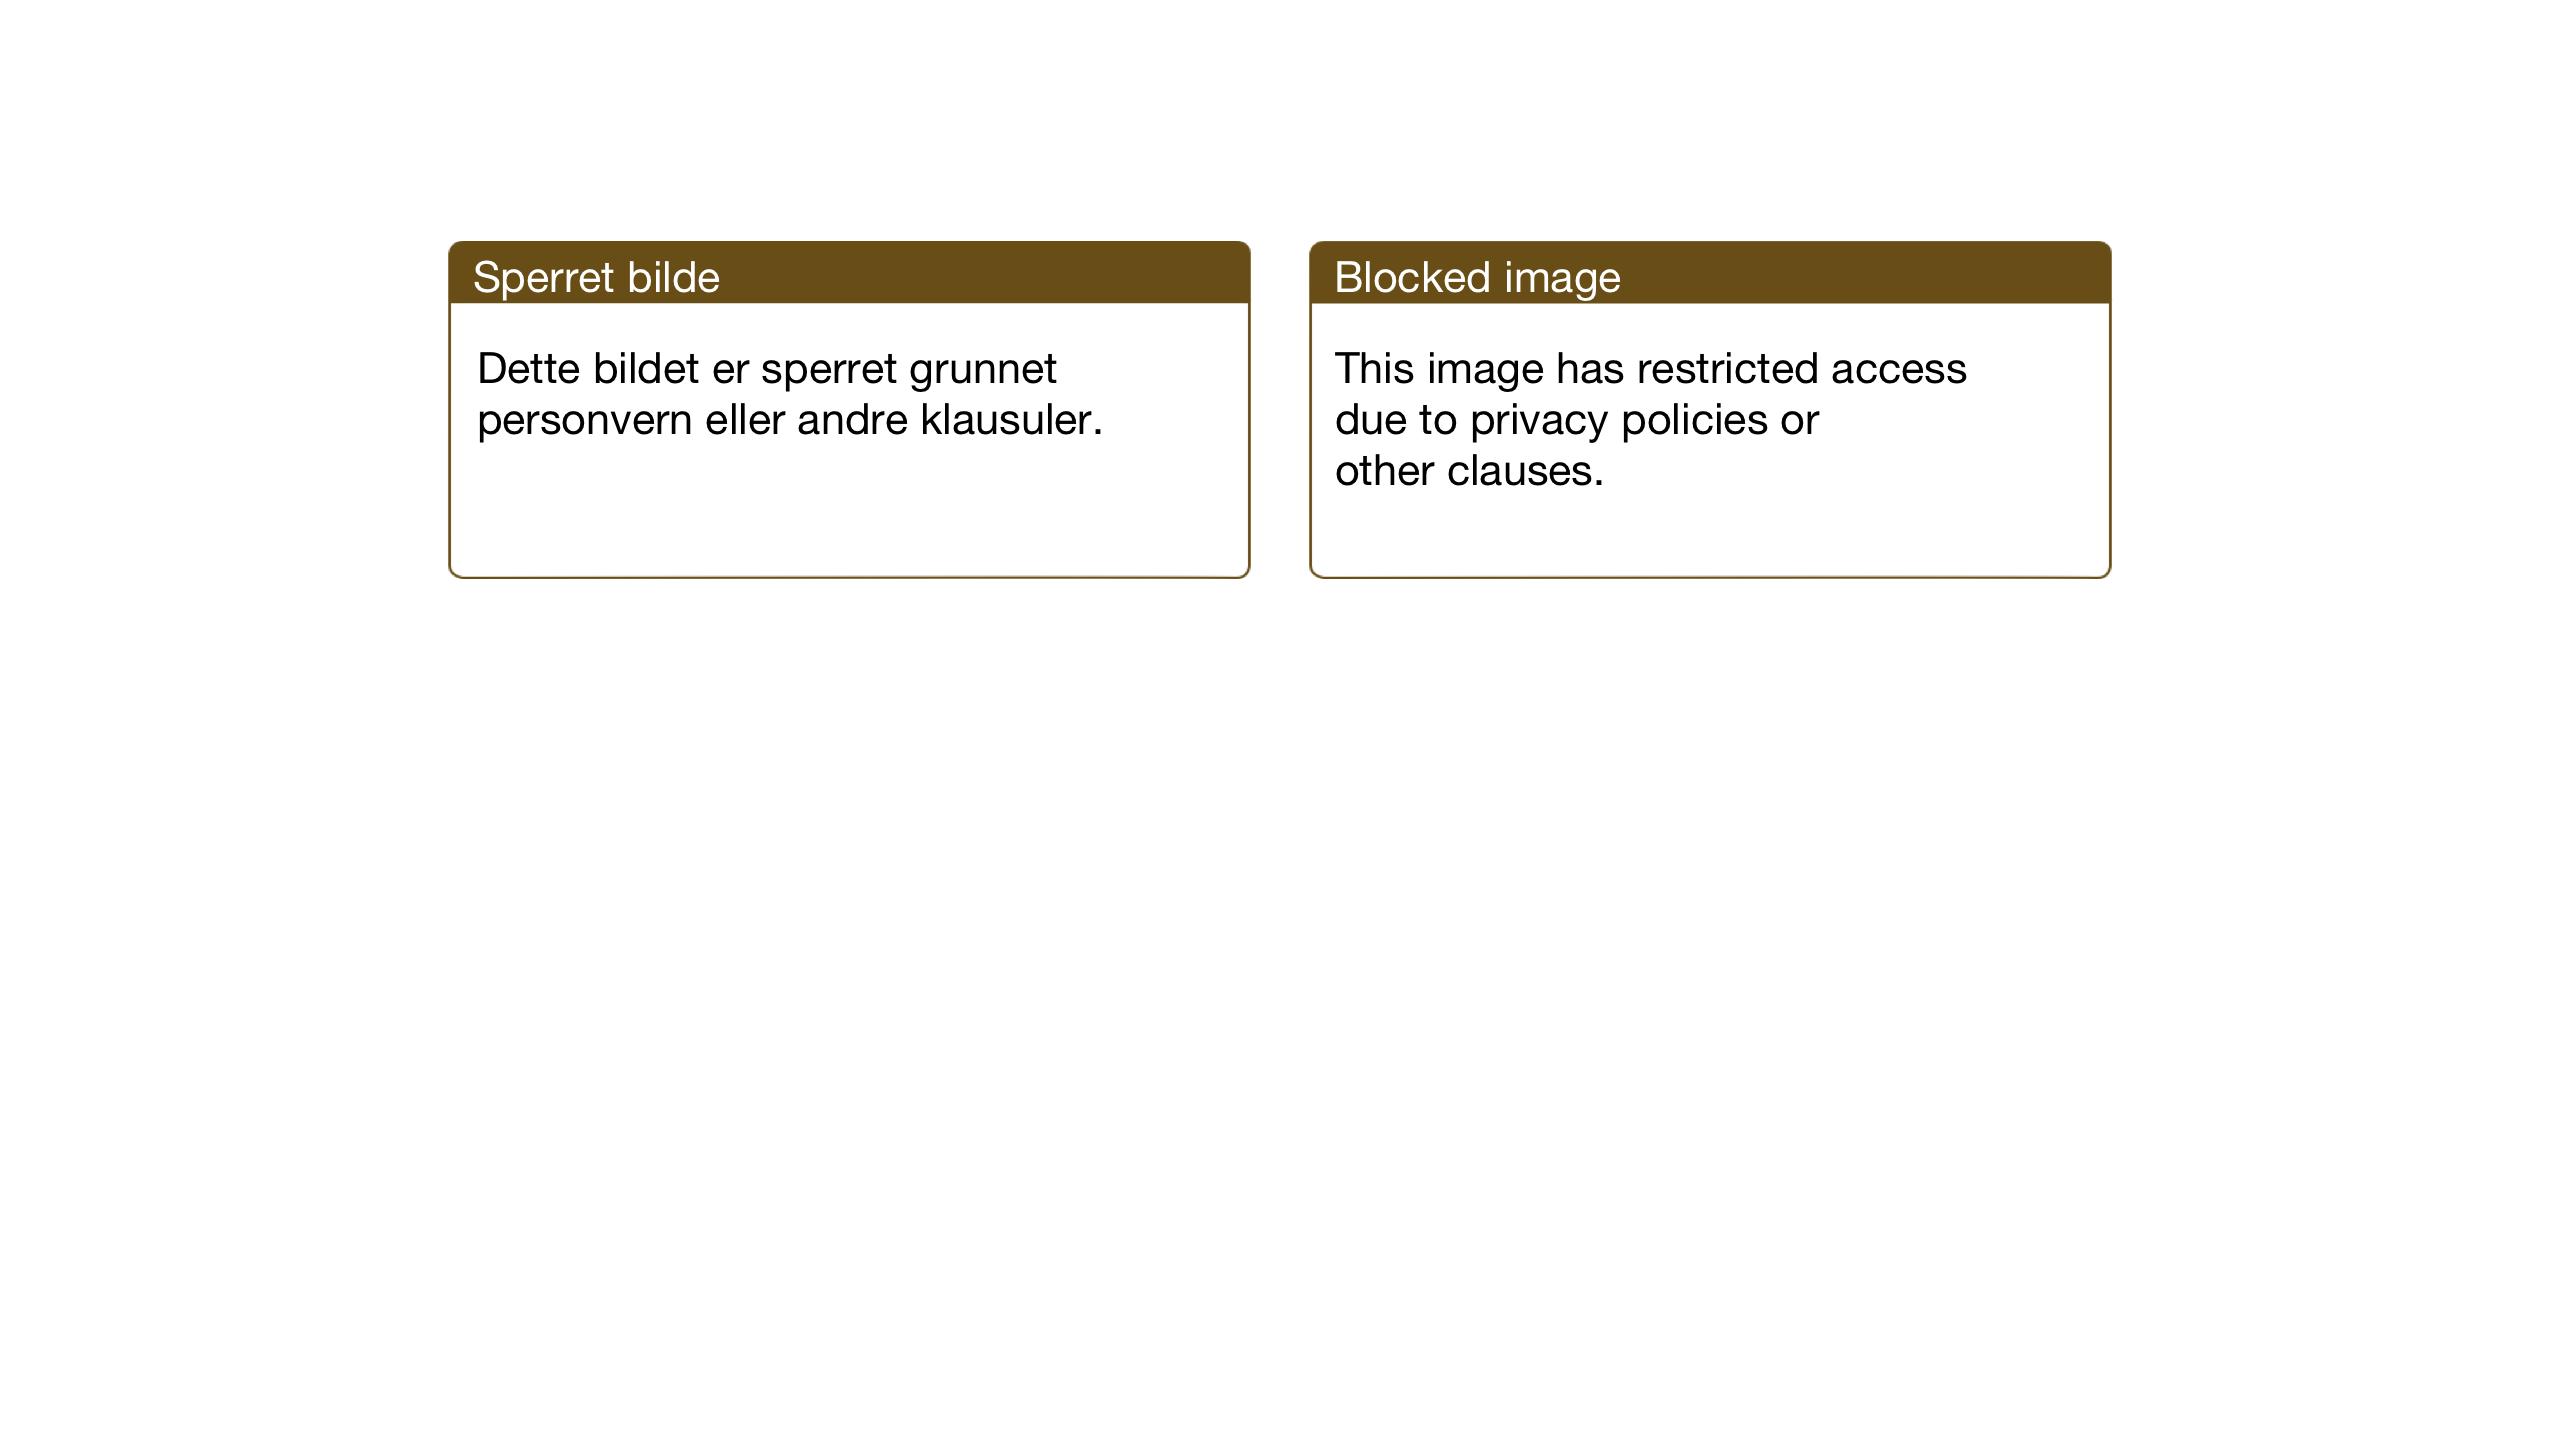 SAT, Ministerialprotokoller, klokkerbøker og fødselsregistre - Nord-Trøndelag, 780/L0654: Klokkerbok nr. 780C06, 1928-1942, s. 11